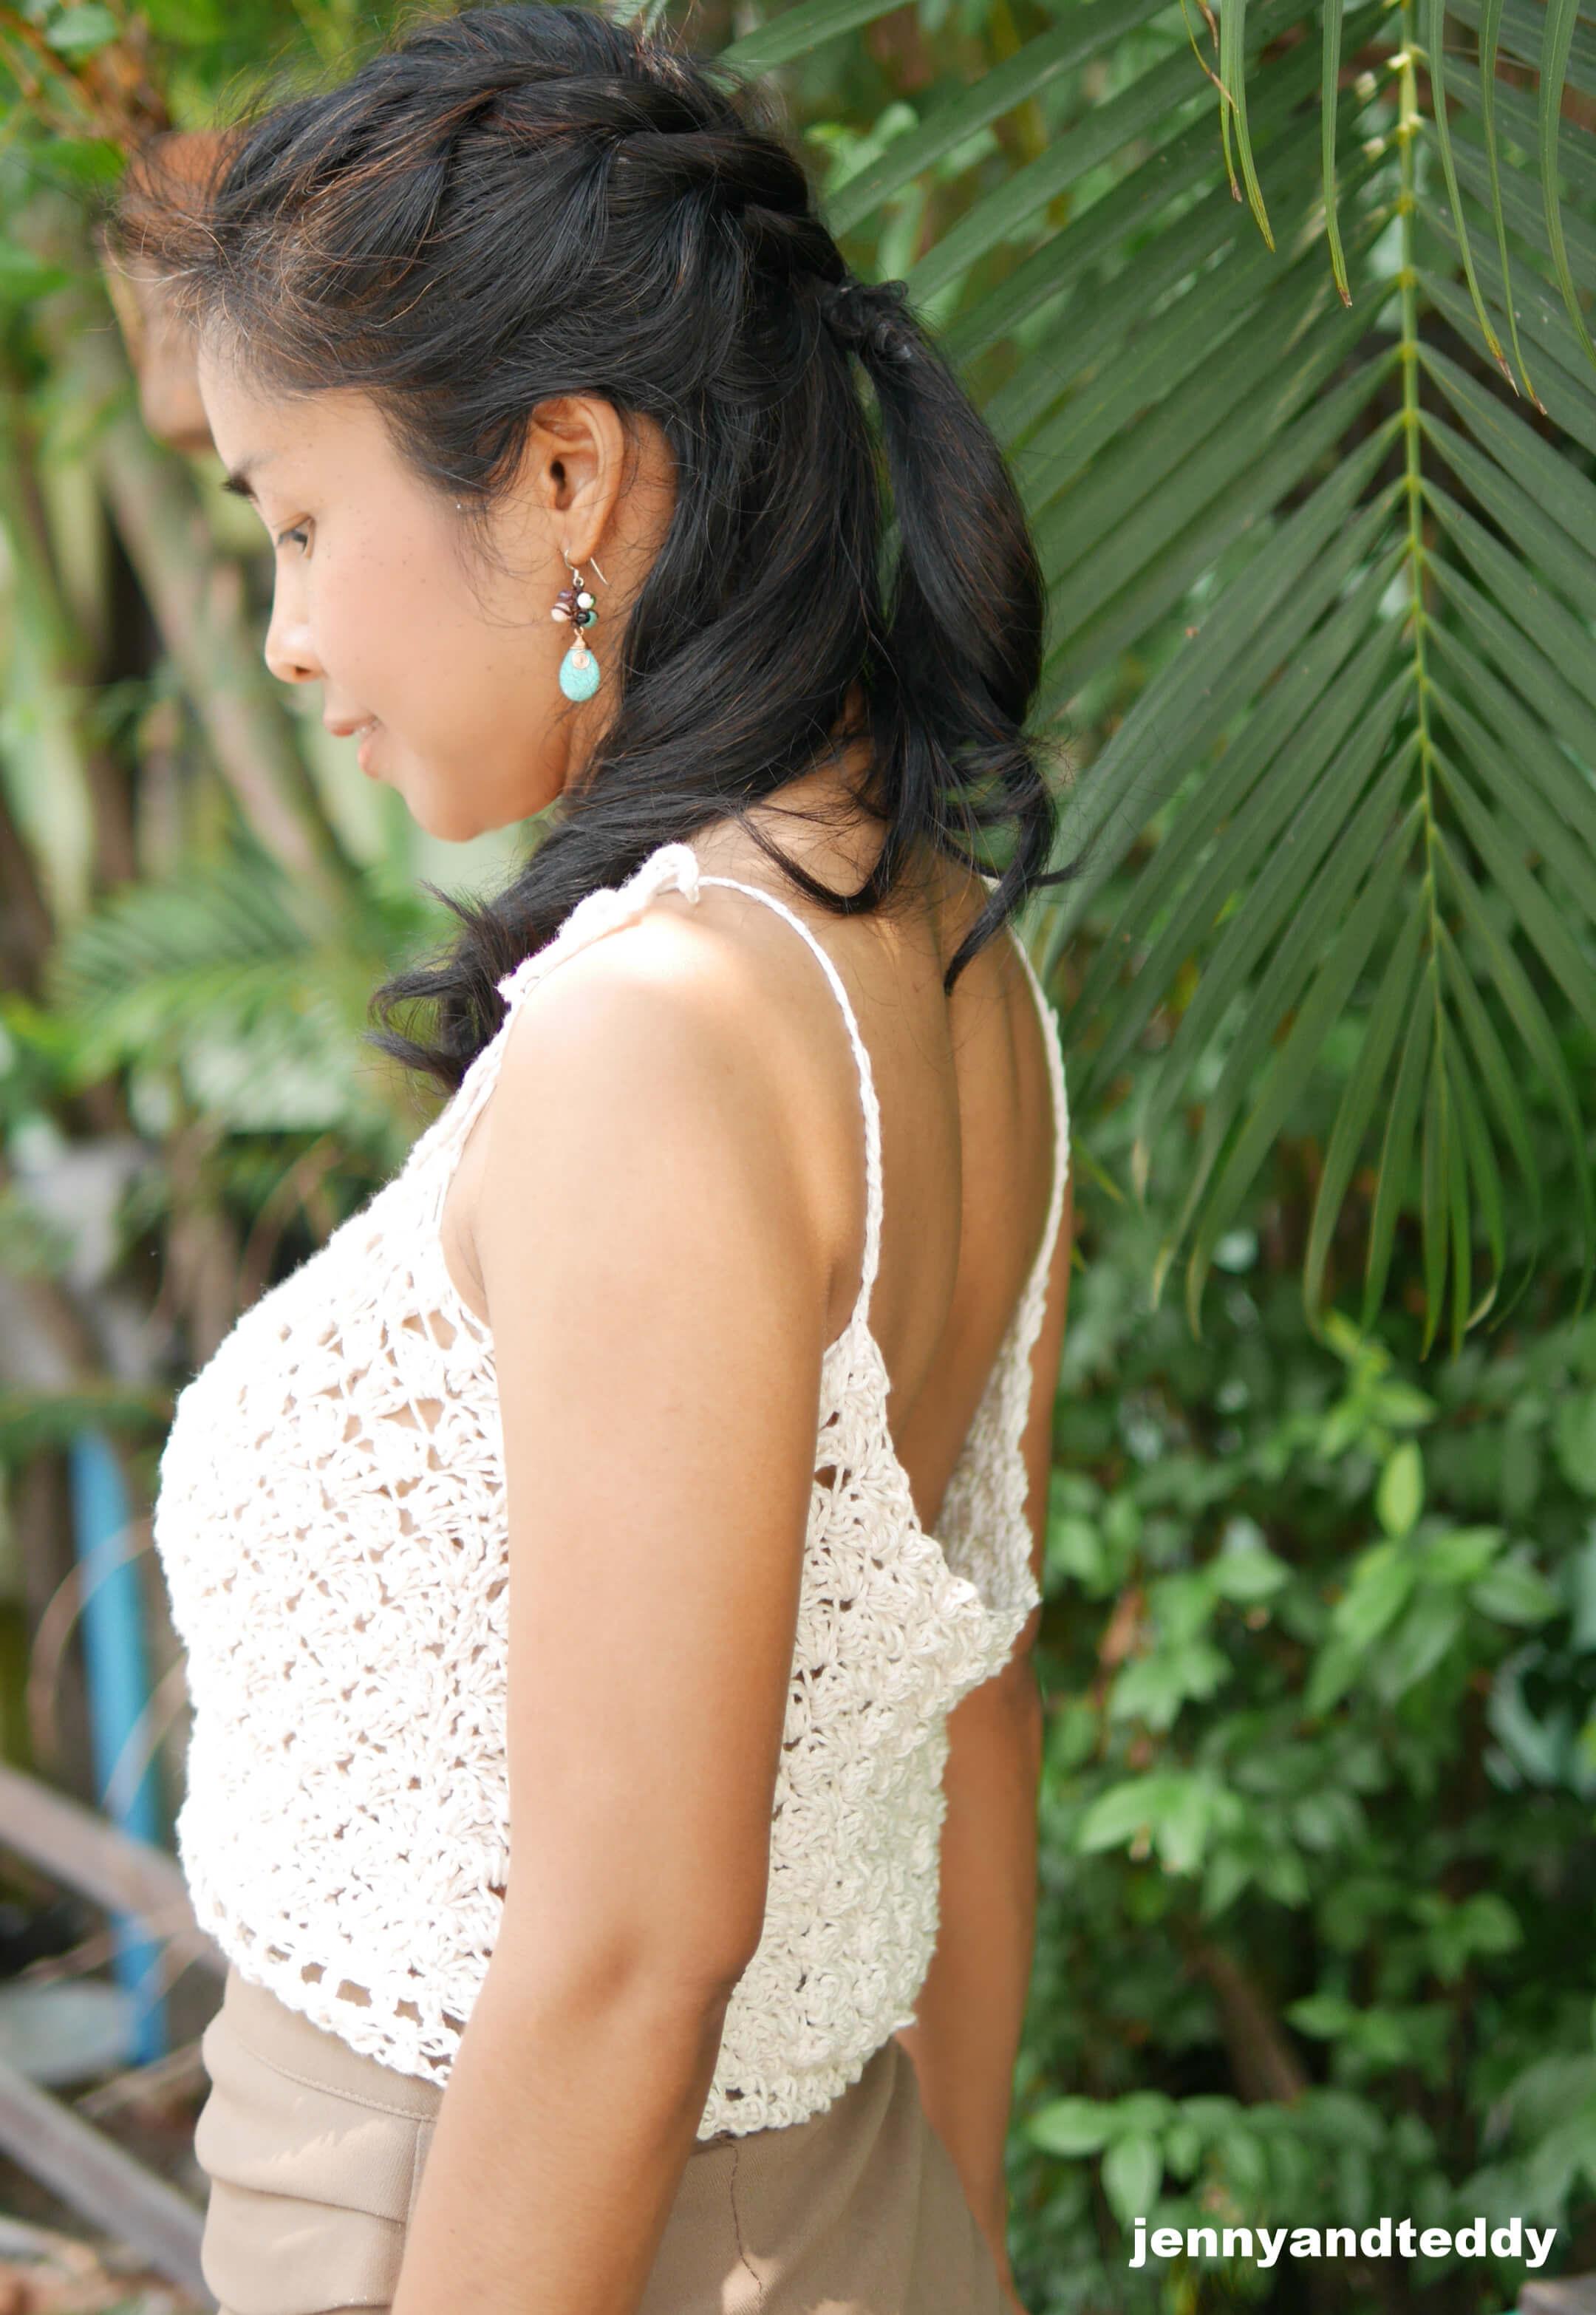 jasmine rice crop top tutorial